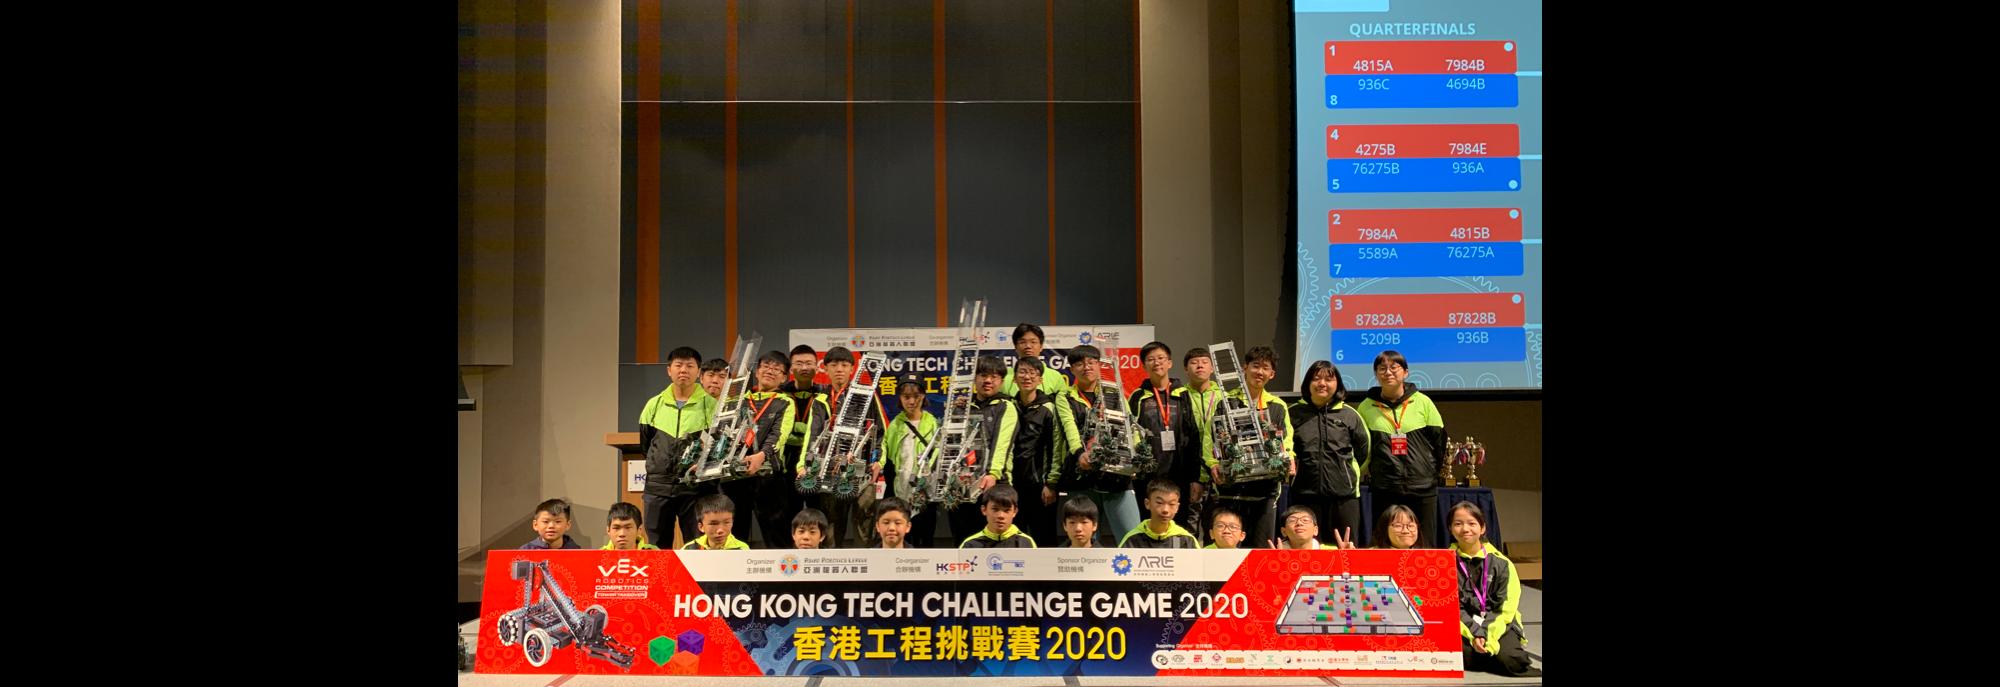 Hong Kong Tech Challenge Game 2020